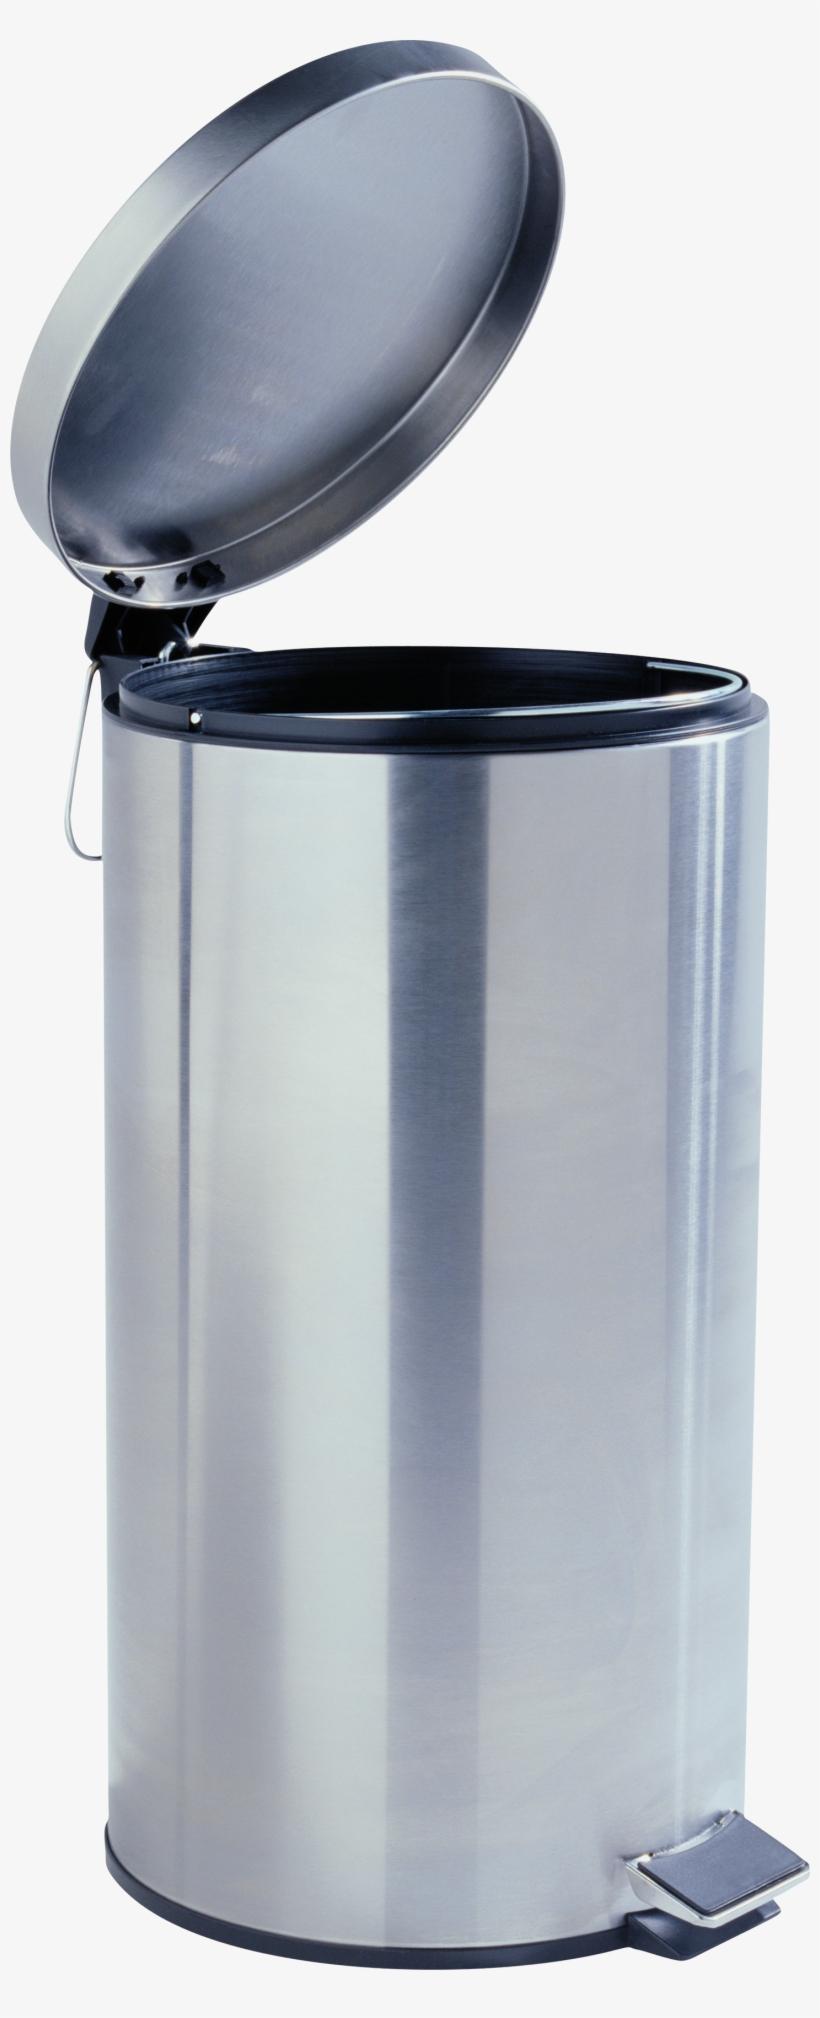 Trash Can Transparent Background, transparent png #99501